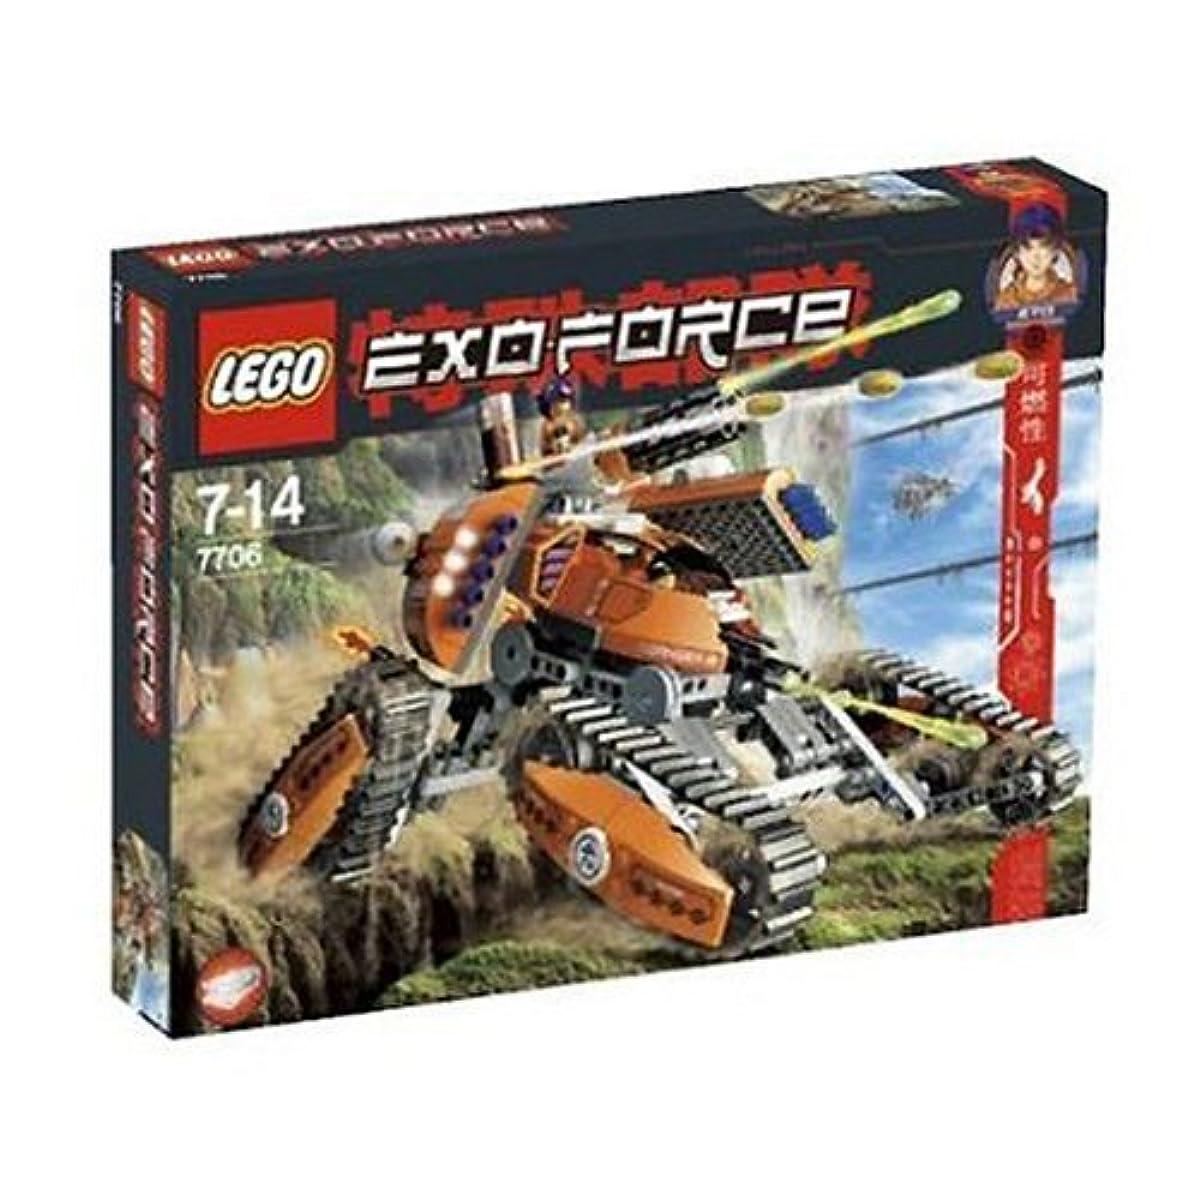 [해외] 레고 (LEGO) 에쿠소포스 모바일디펜스탱크 7706 (2006-12-26)